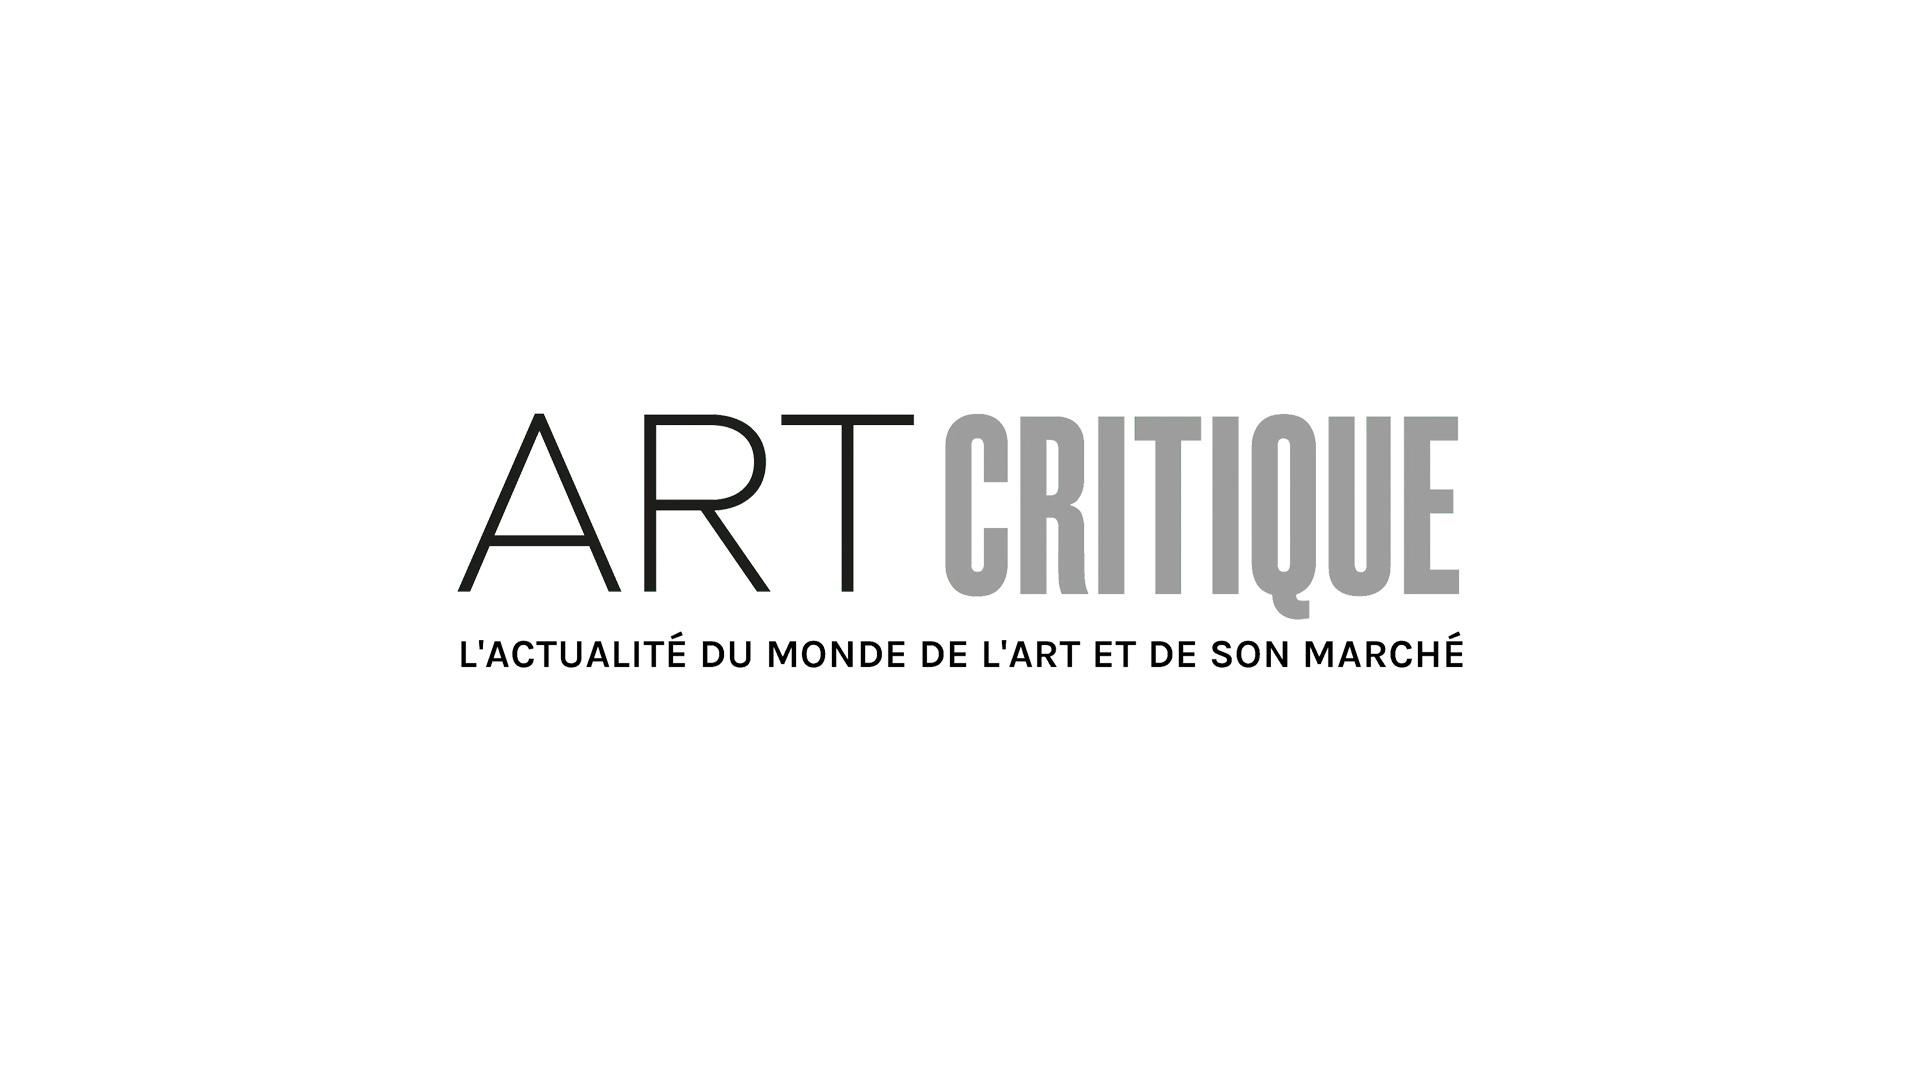 Degas et l'Opéra : une rétrospective au Musée d'Orsay